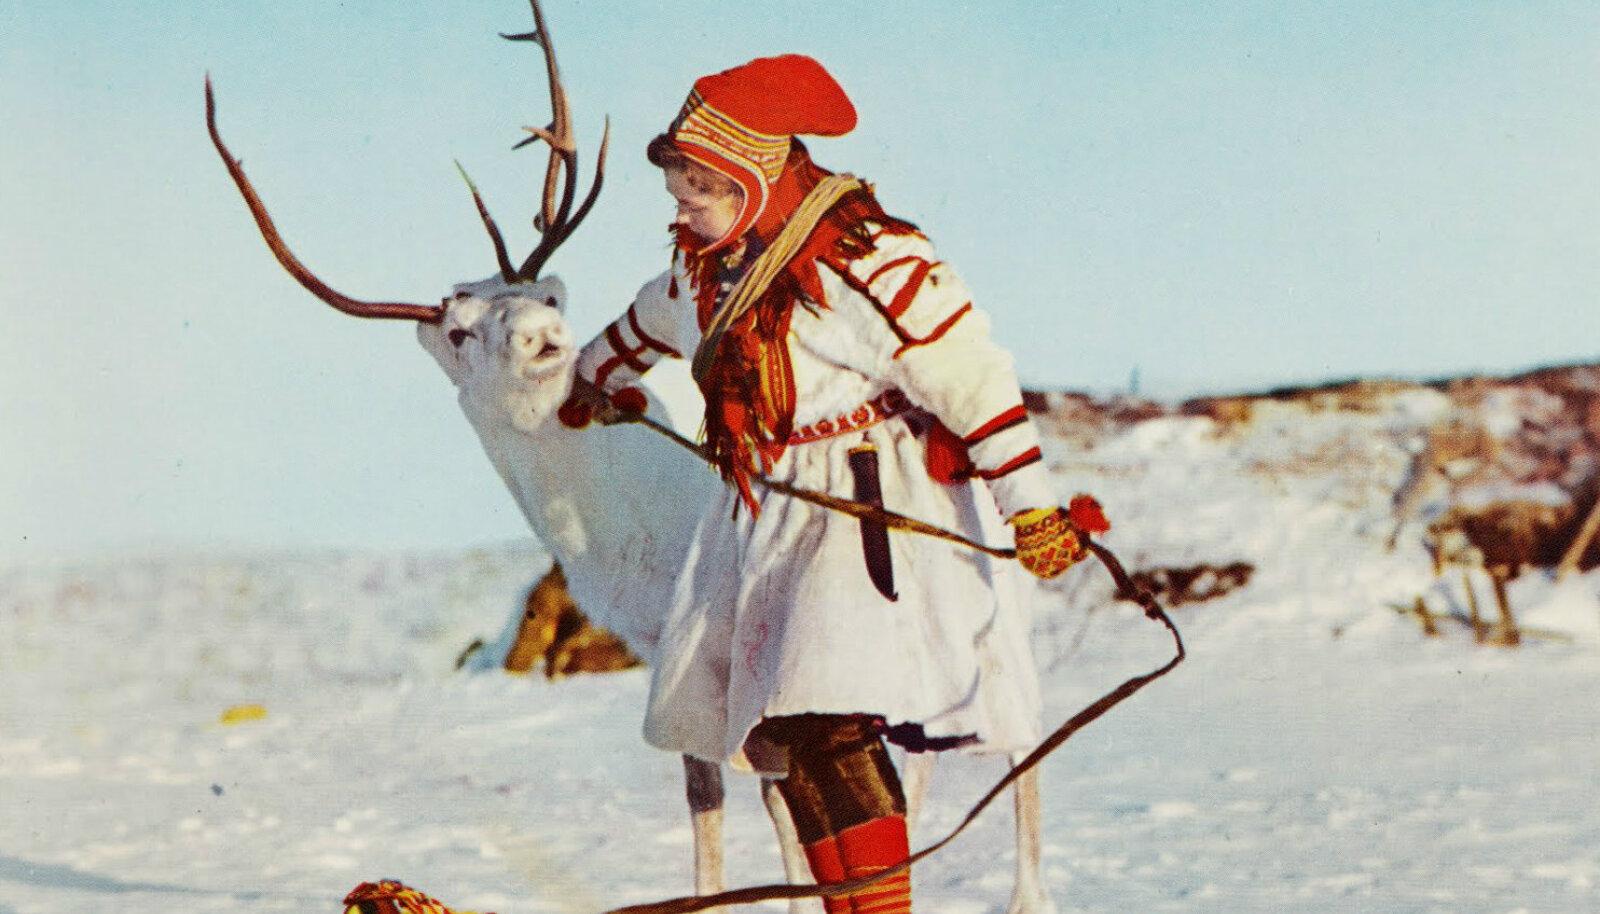 Saamimaa on Põhjala maagia kodu. Saamid elavad kooskõlas loodusega.